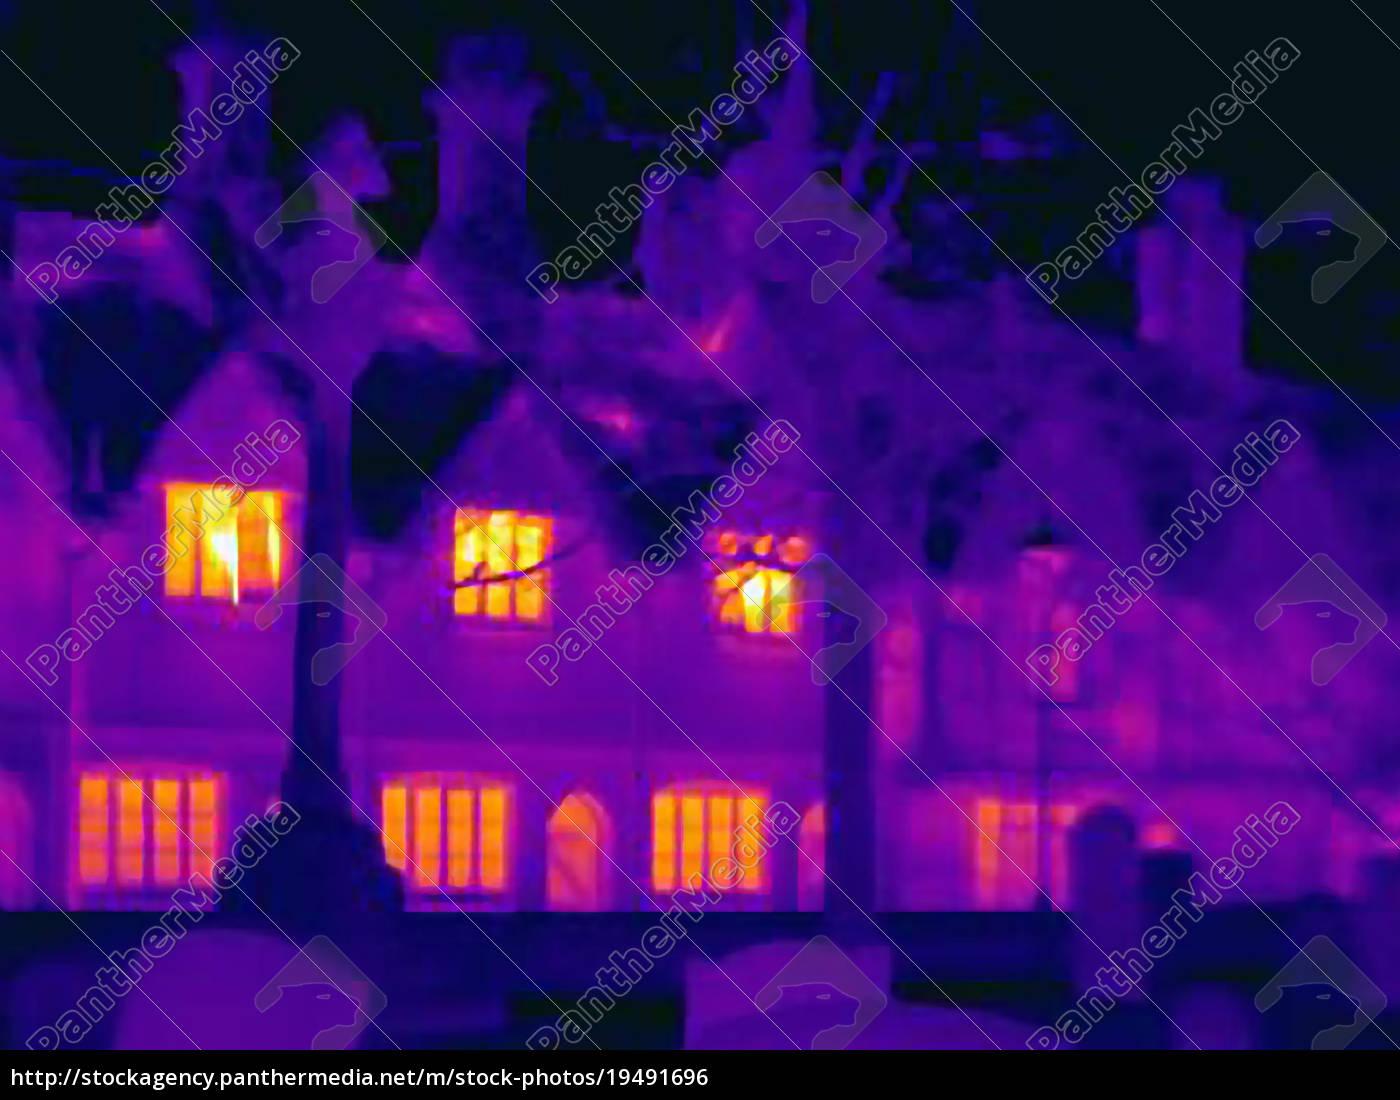 wärmebild, von, häusern, auf, der, stadtstraße - 19491696